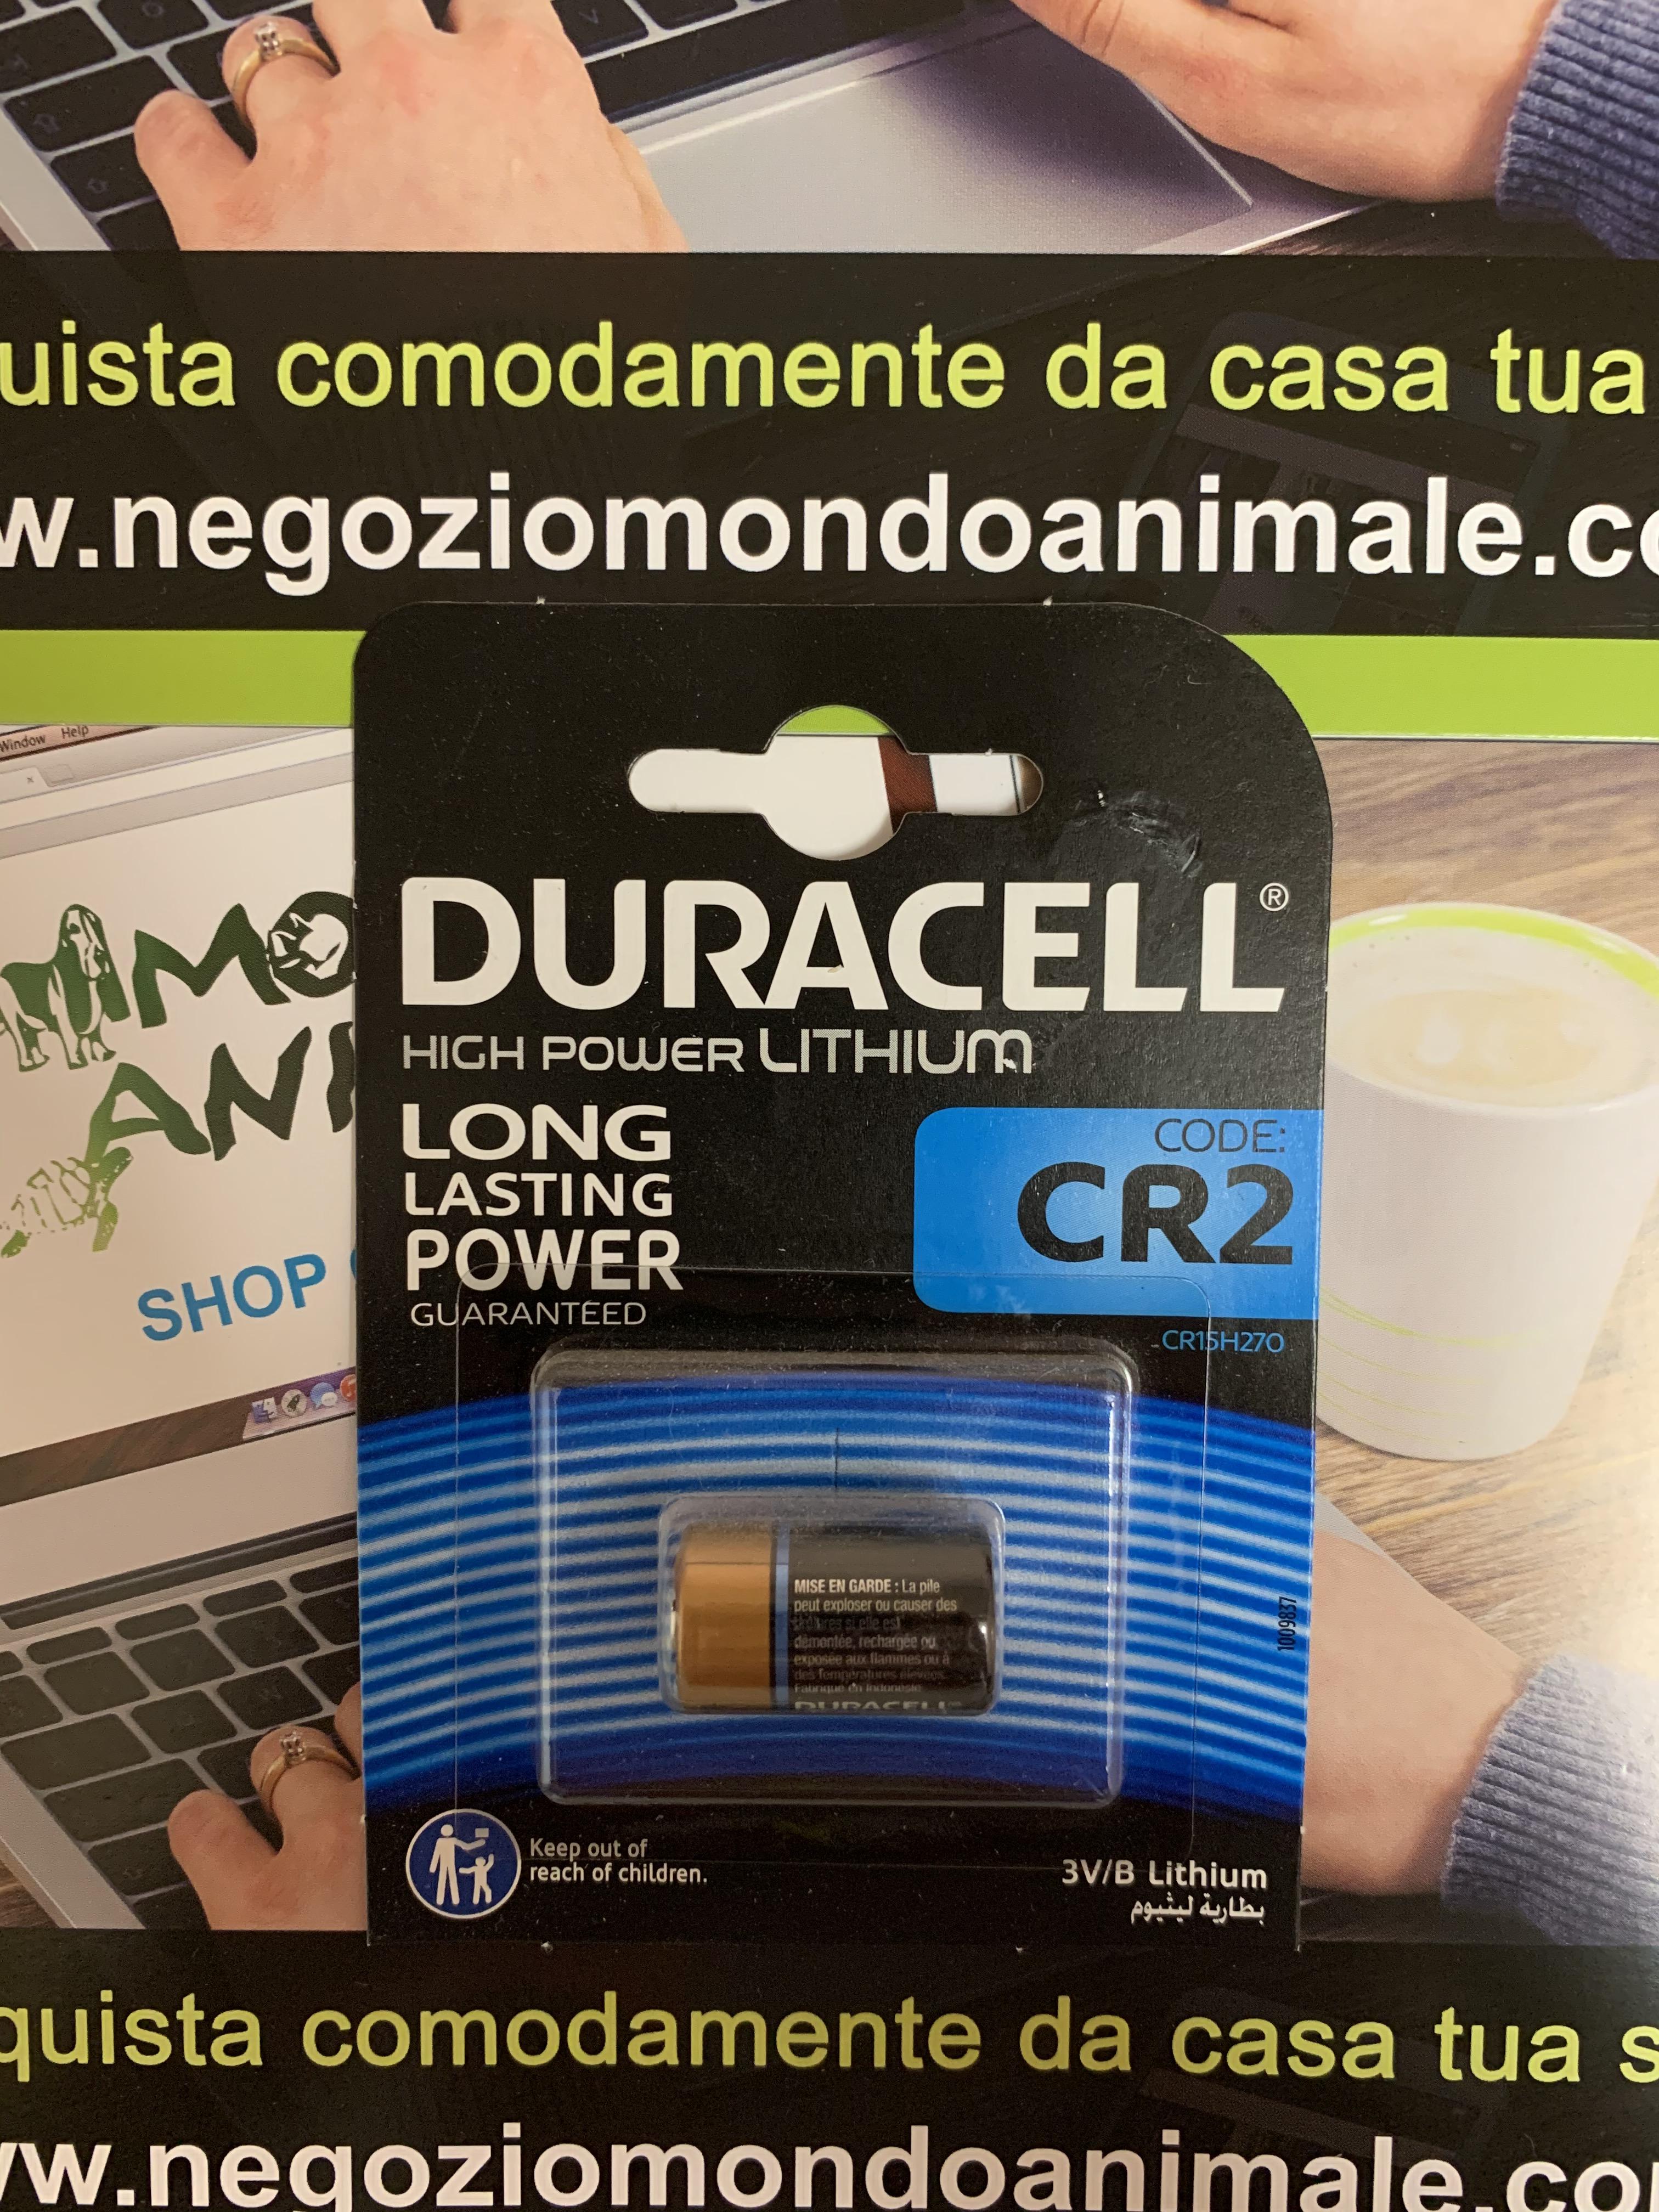 CR2 / CR15H270